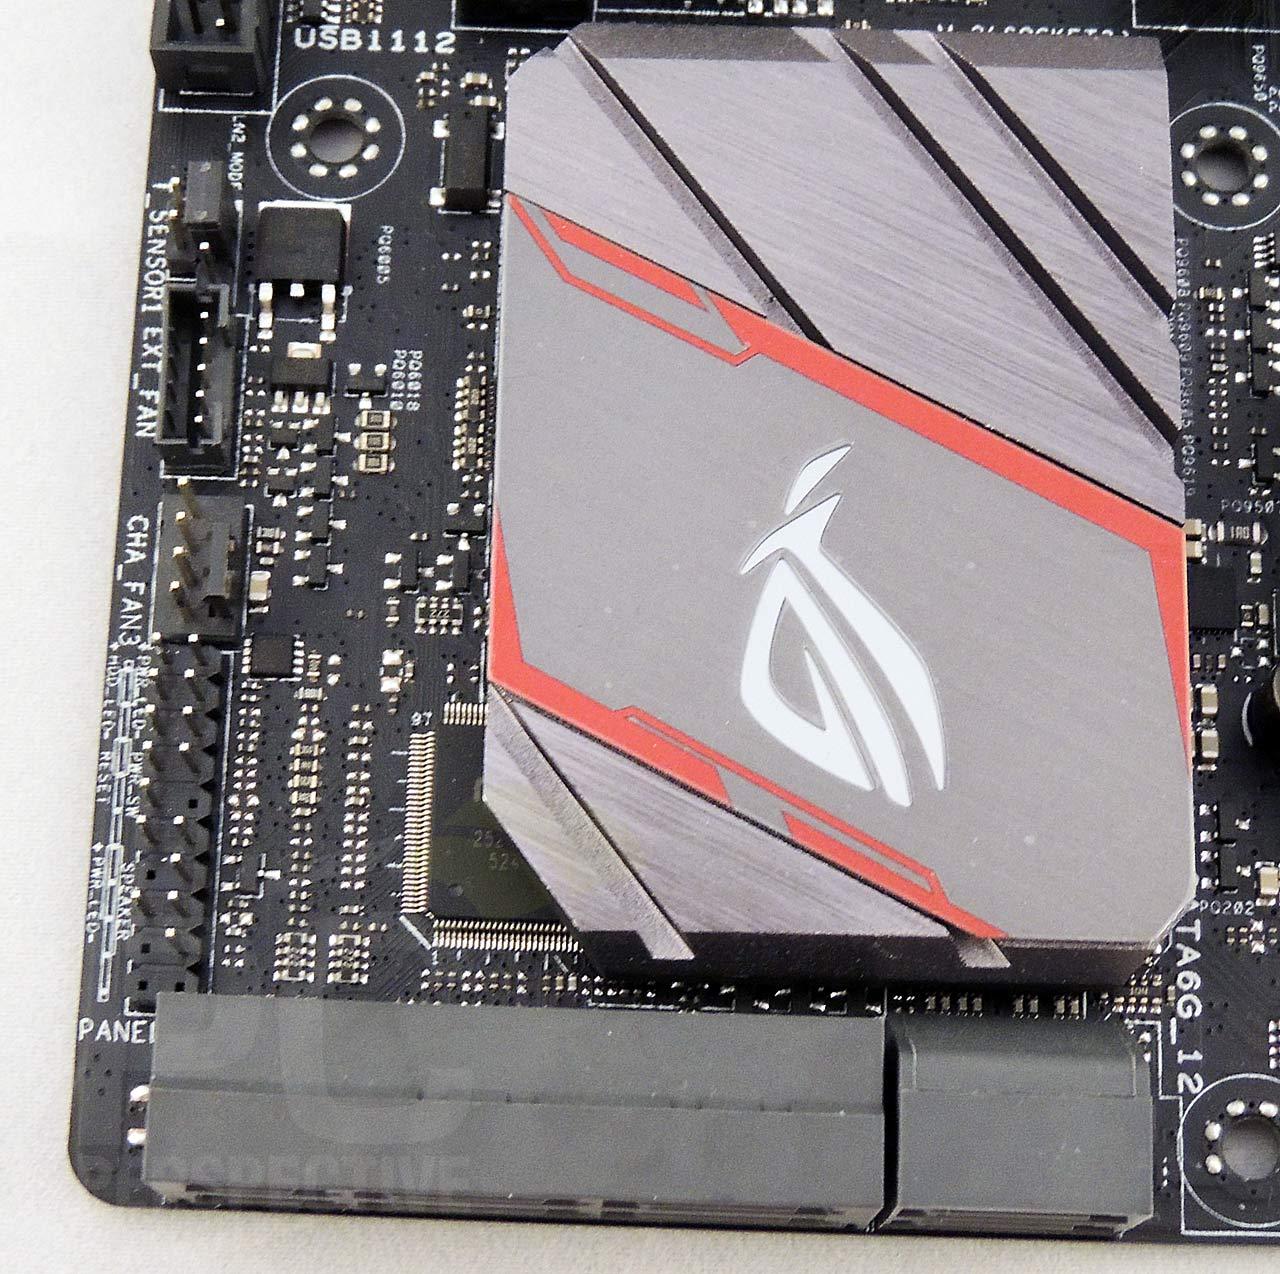 13-chipset.jpg